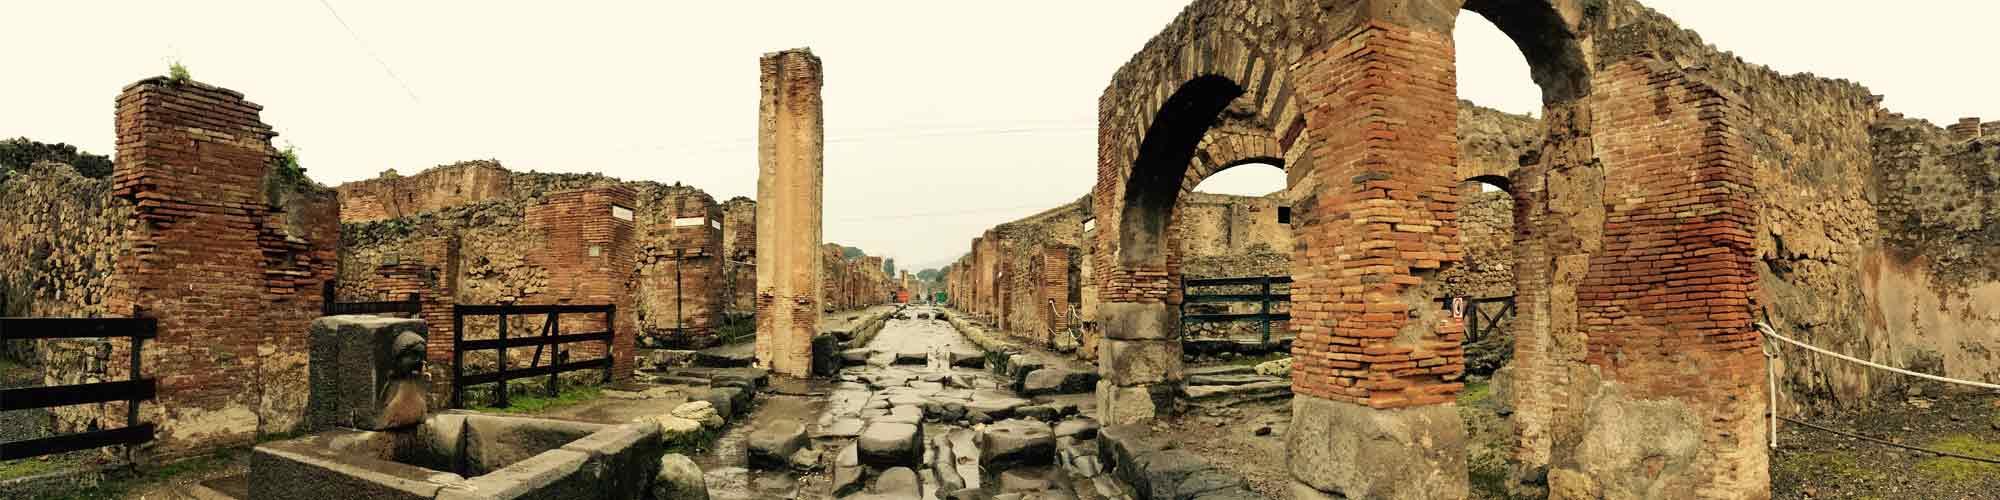 Viaje por la Pompeya de Goethe - El país viajes